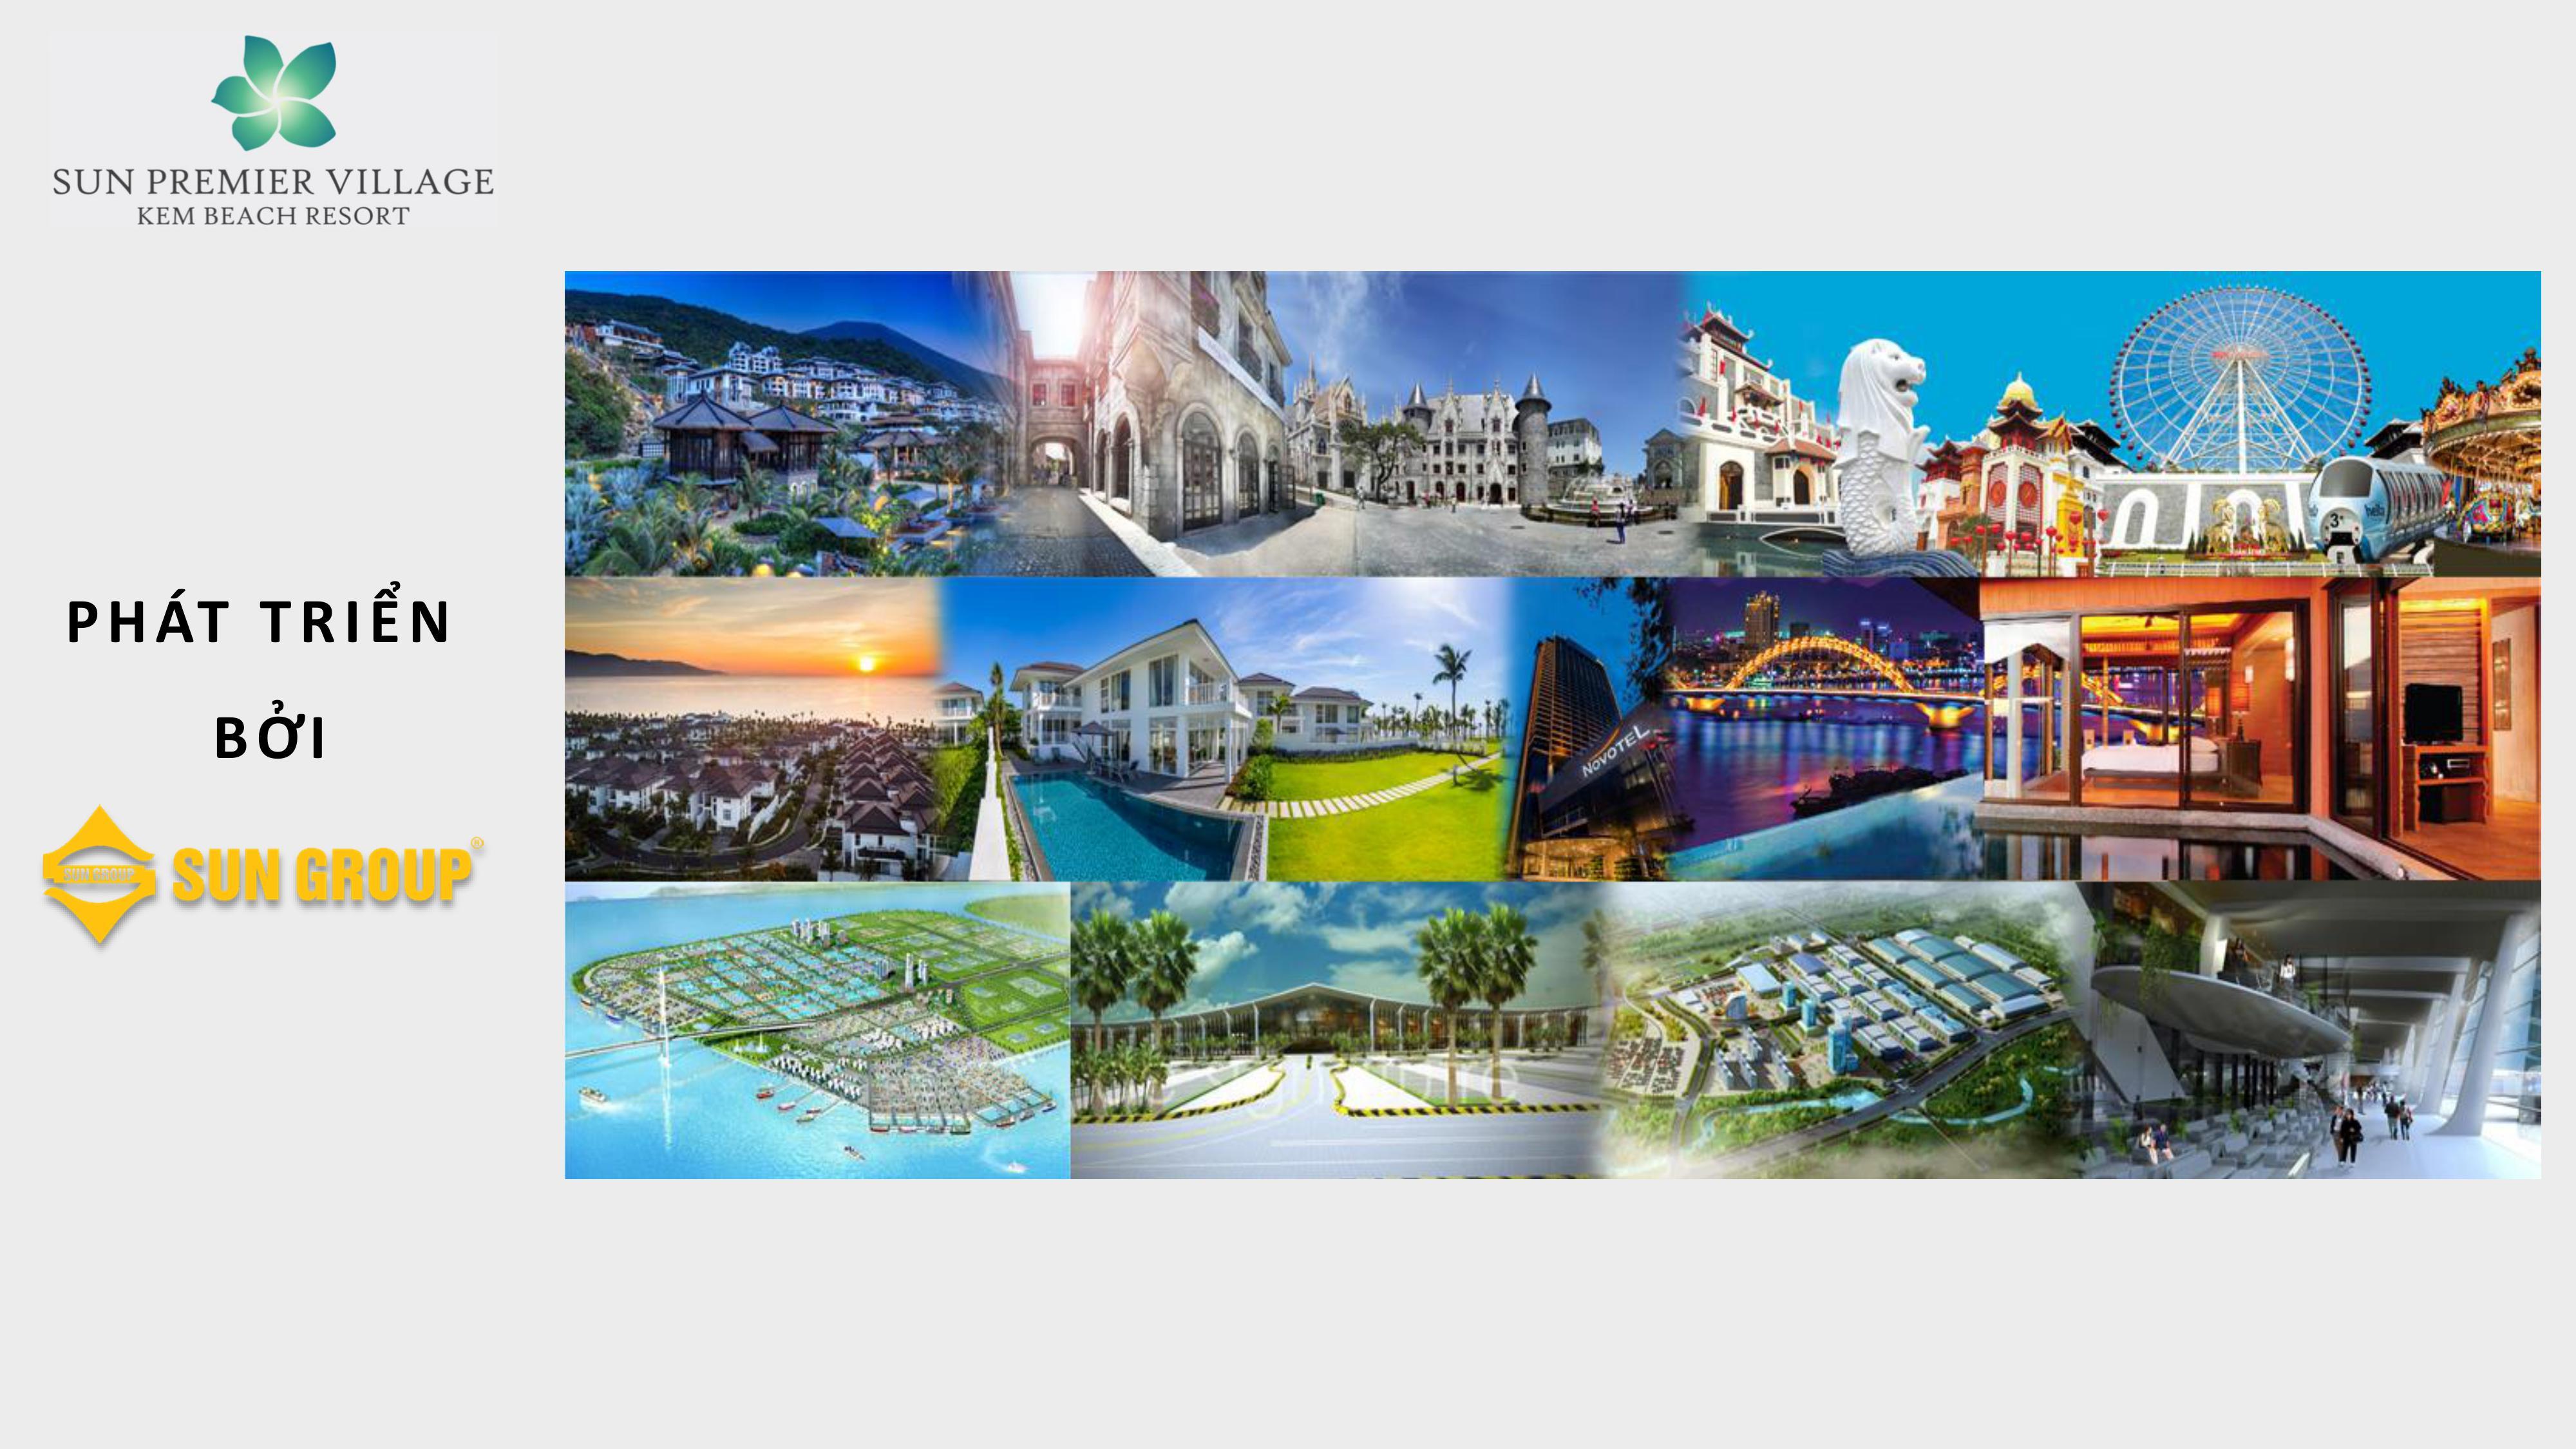 0029 - Rủi ro nào khi đầu tư vào dự án Sun Premier Village Kem Beach Resort?